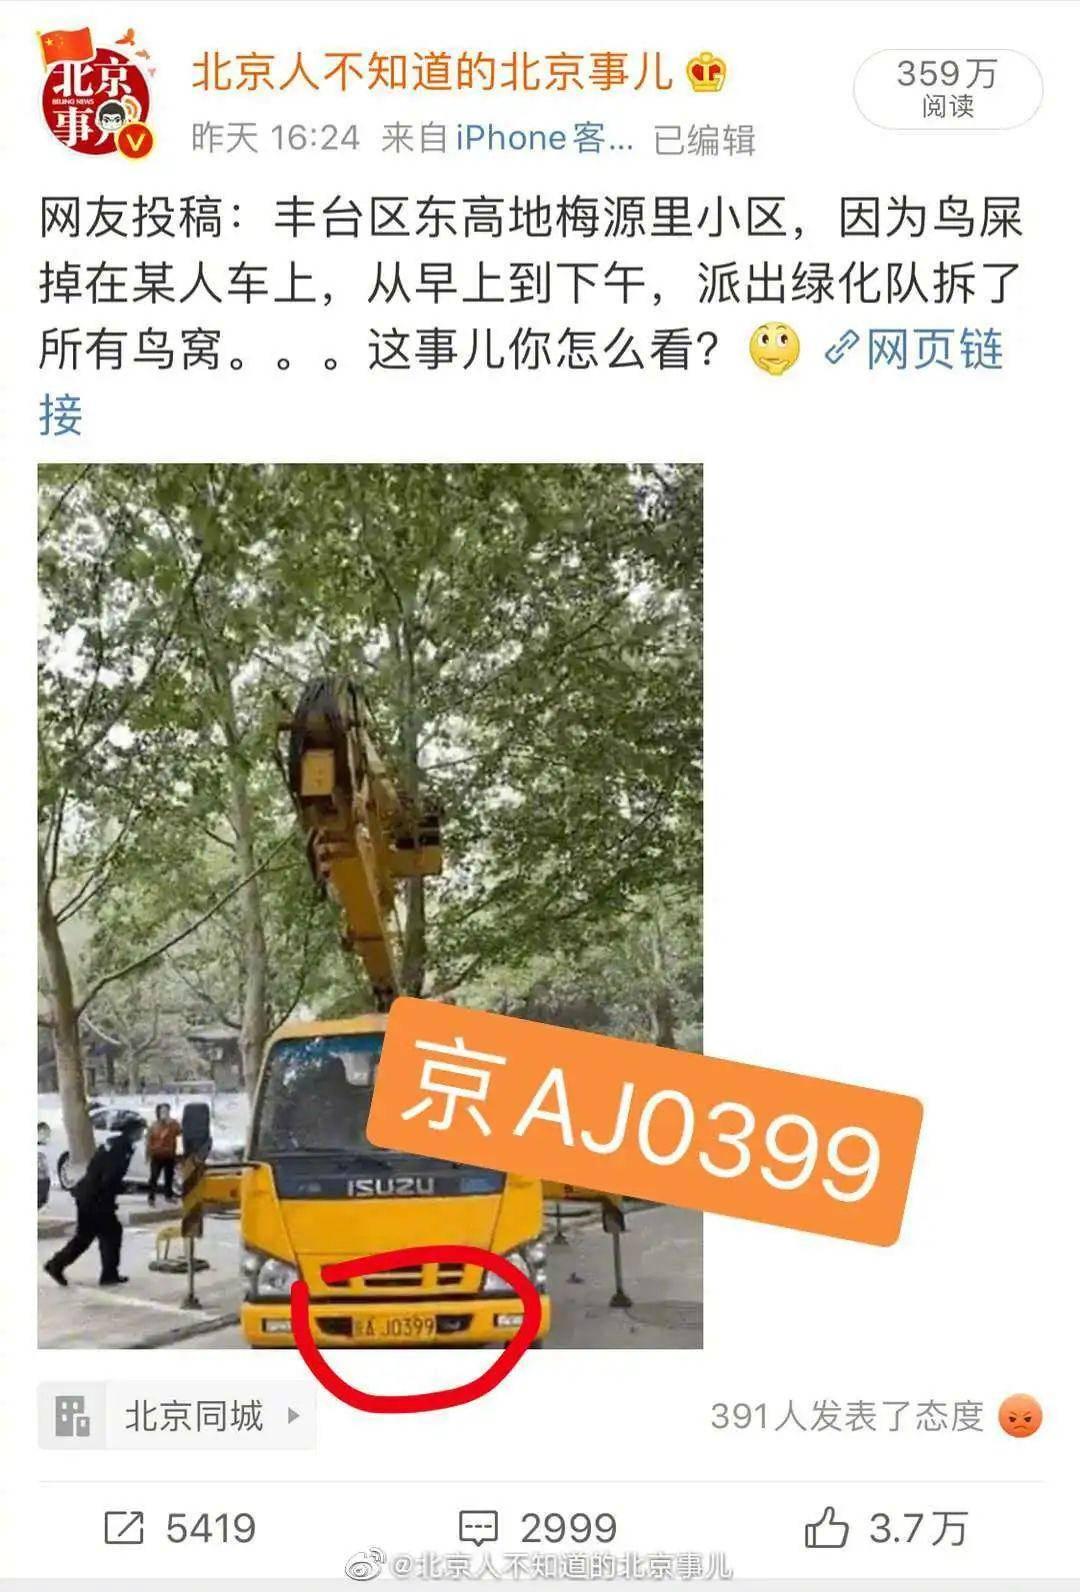 救救北京的那些鸟吧!它们快要笑死了……